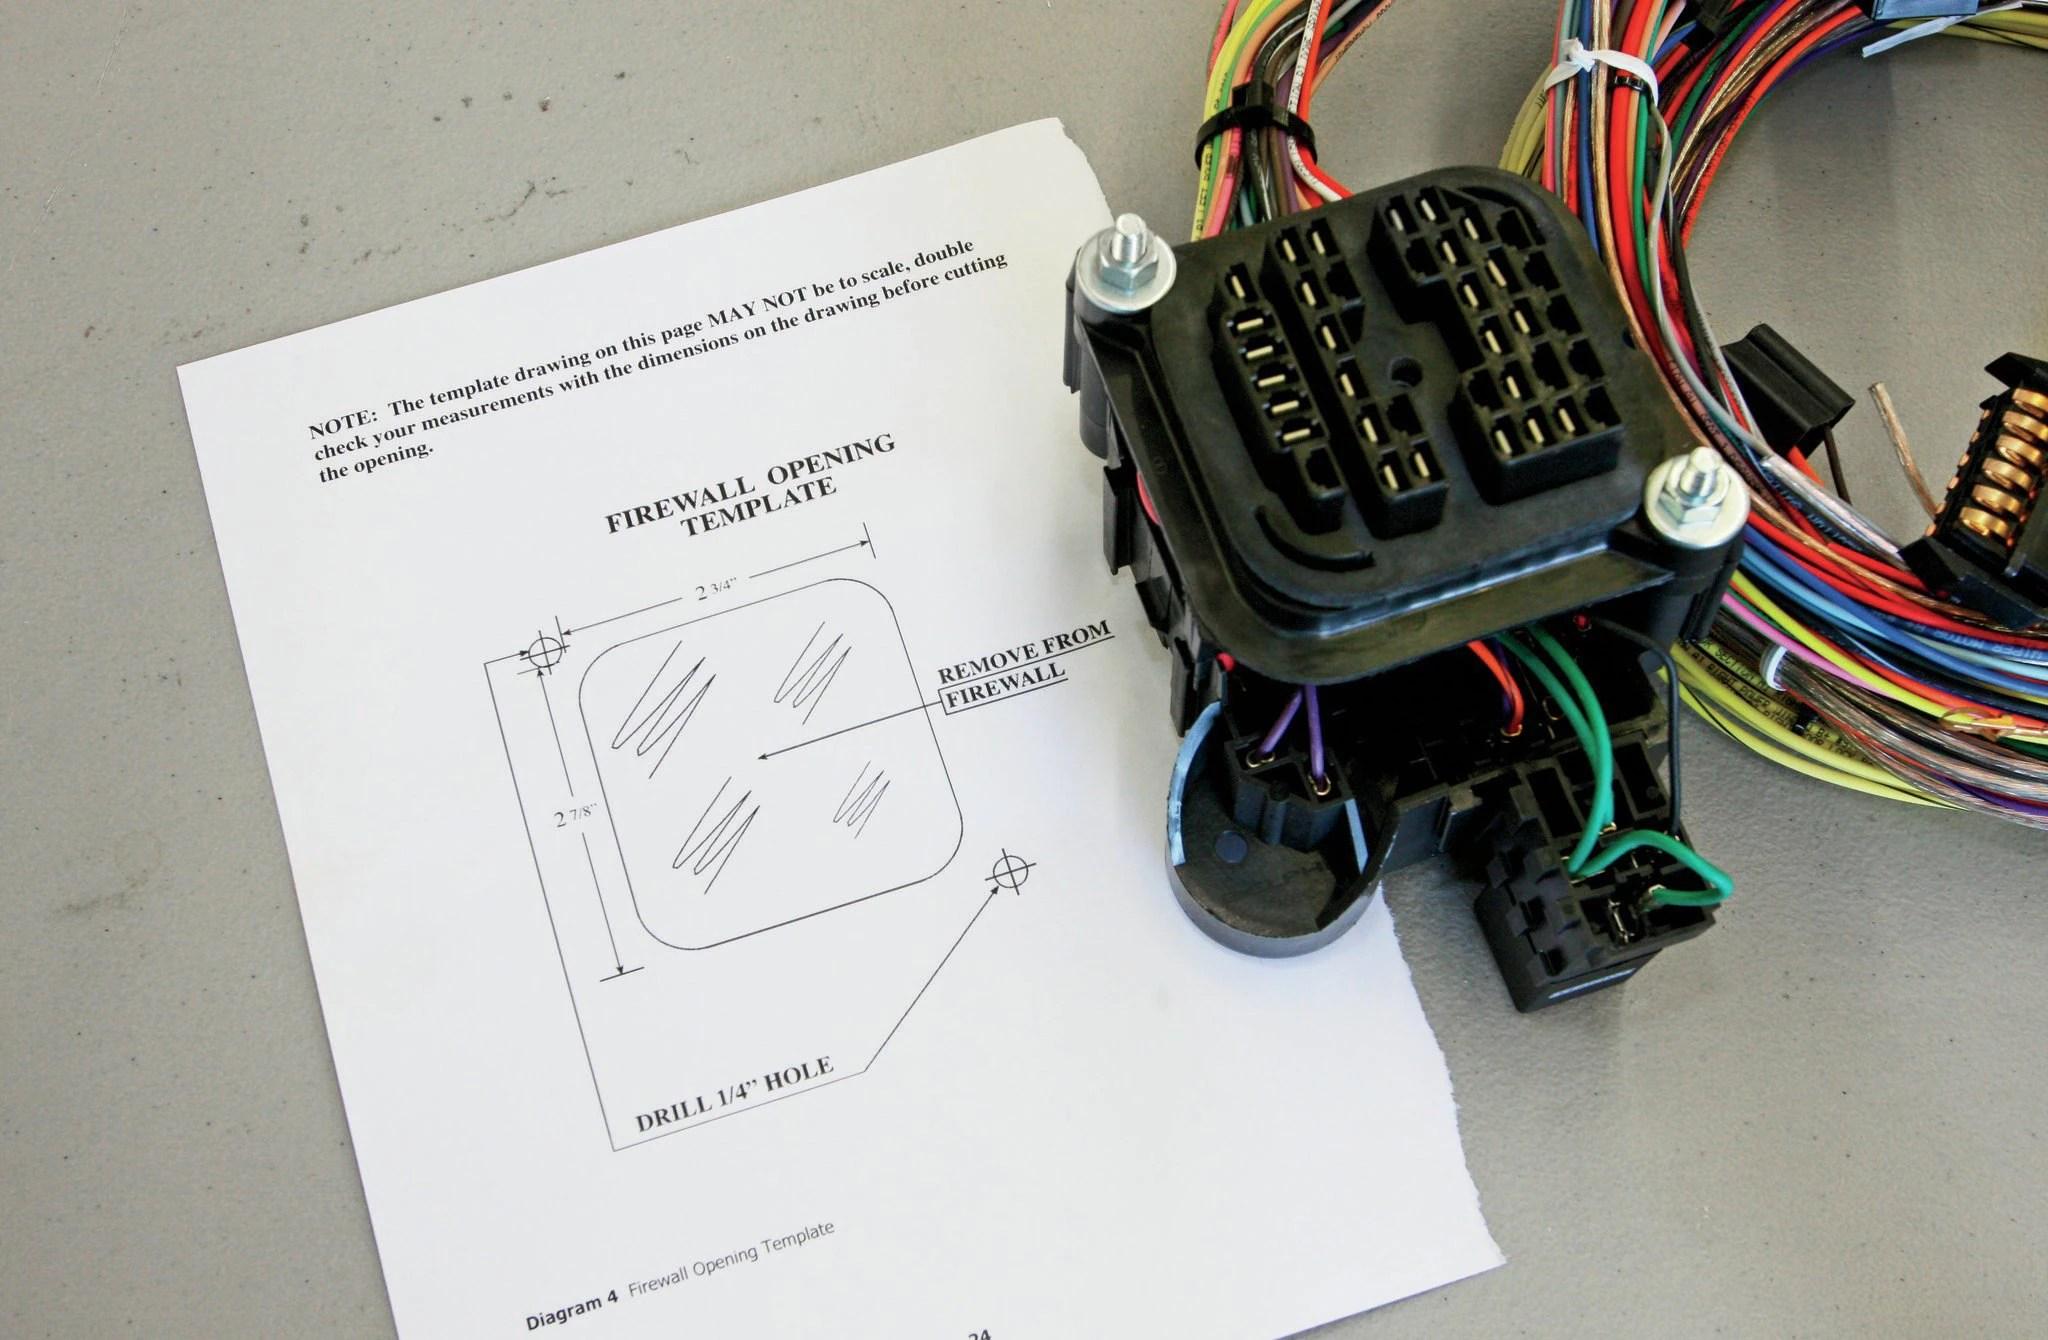 painless performance wiring diagram free download wiring diagram rh xwiaw us Trans AM Wiring Diagram 1978 Trans AM Painless Wiring